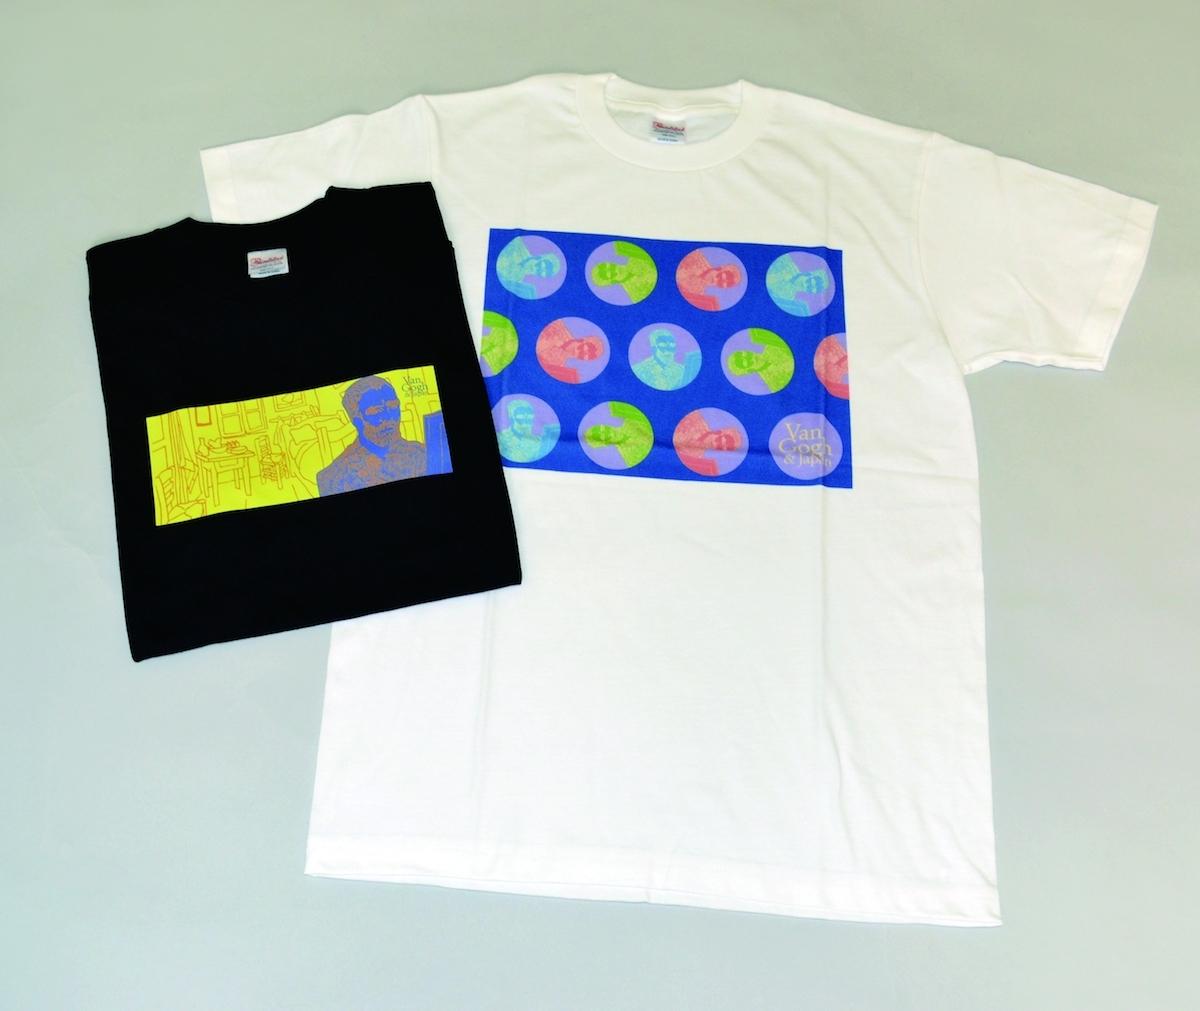 『ゴッホ展 巡りゆく日本の夢』 Tシャツ(全4サイズ)/各¥3,200